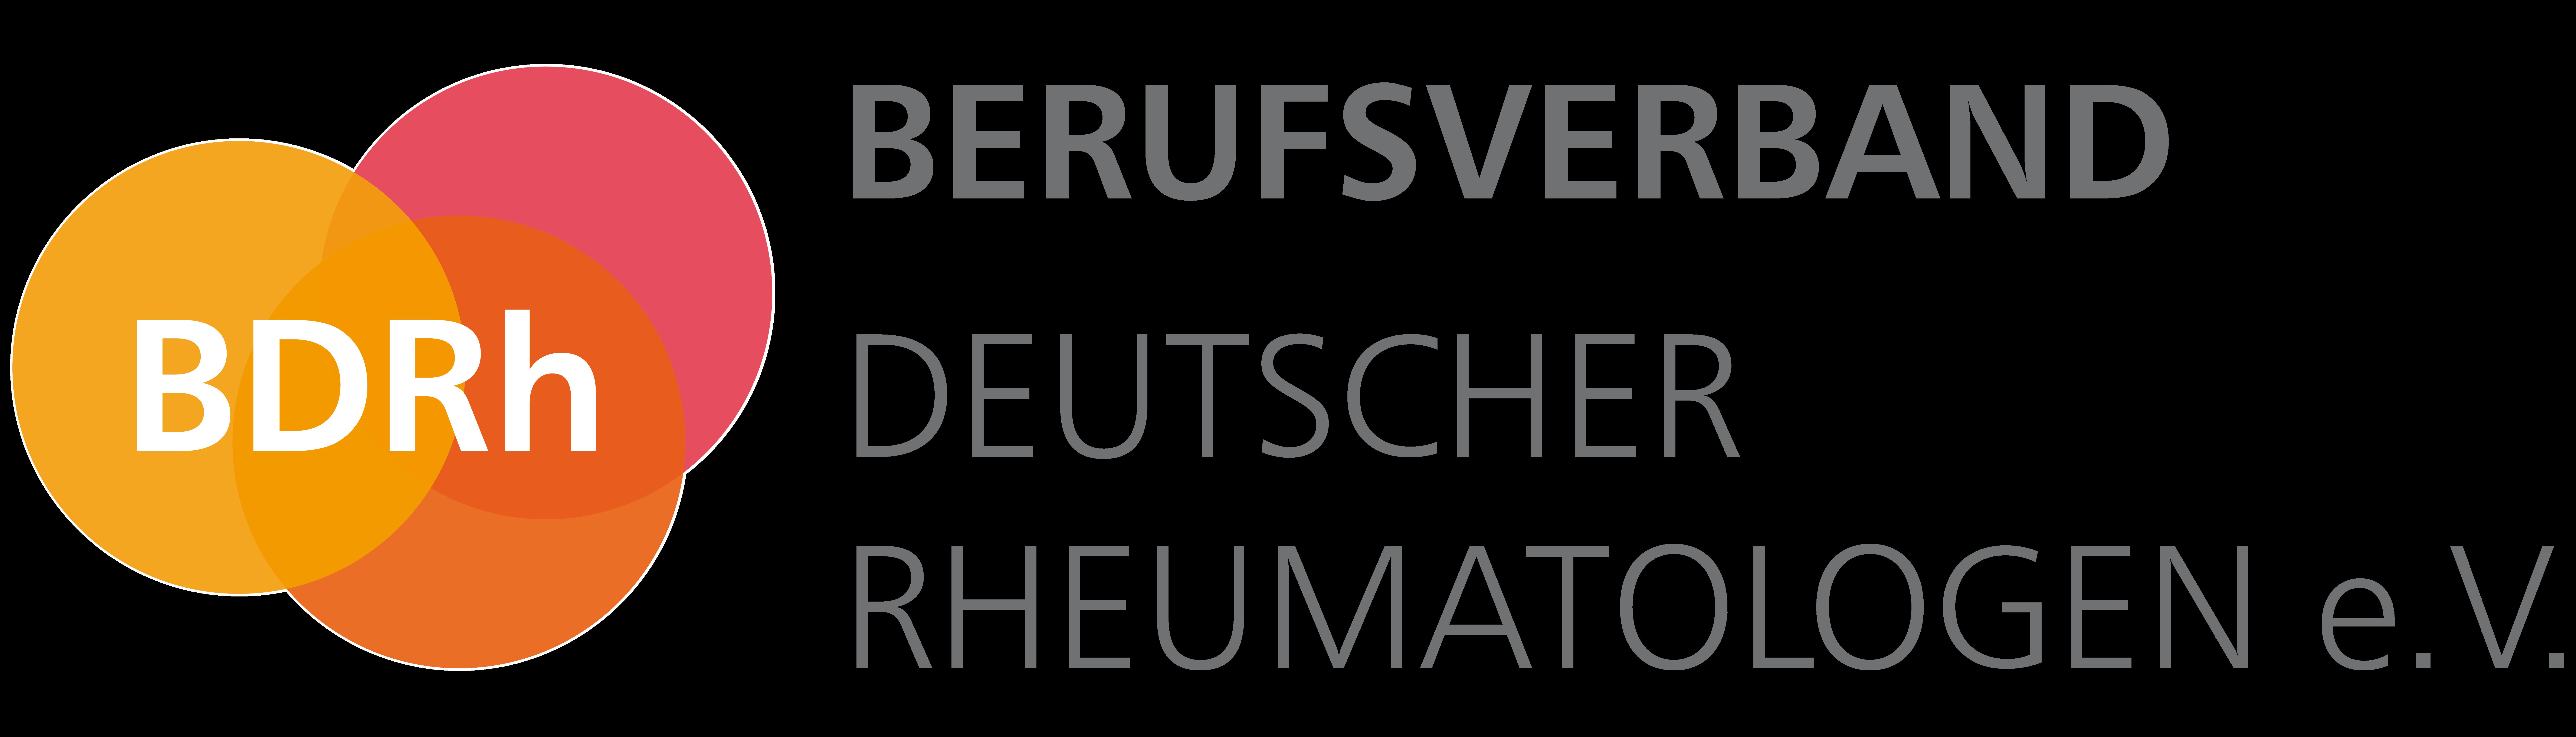 Berufsverband Deutscher Rheumatologen